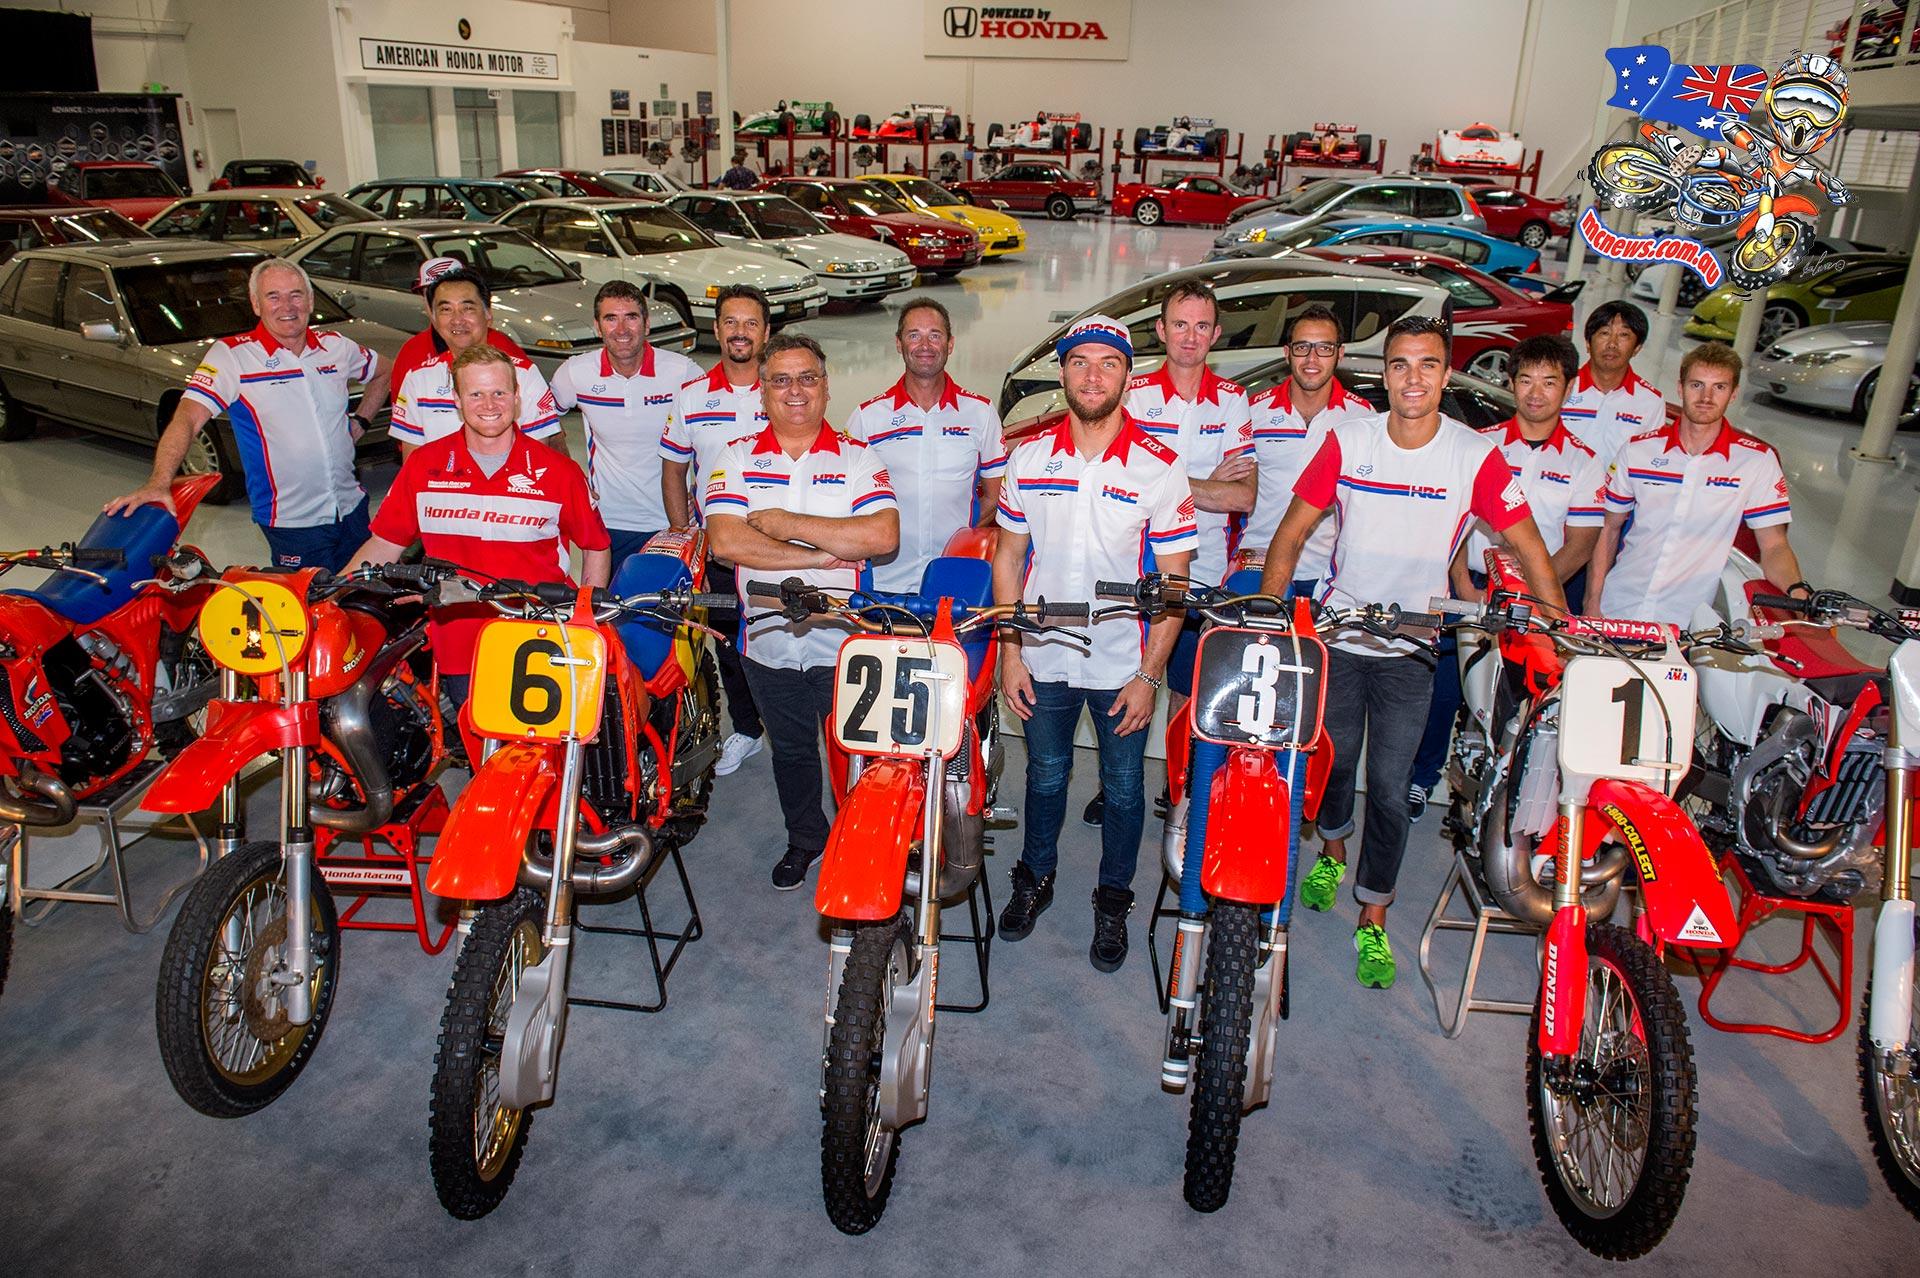 Hrc Team At American Honda Museum Pit Bike The